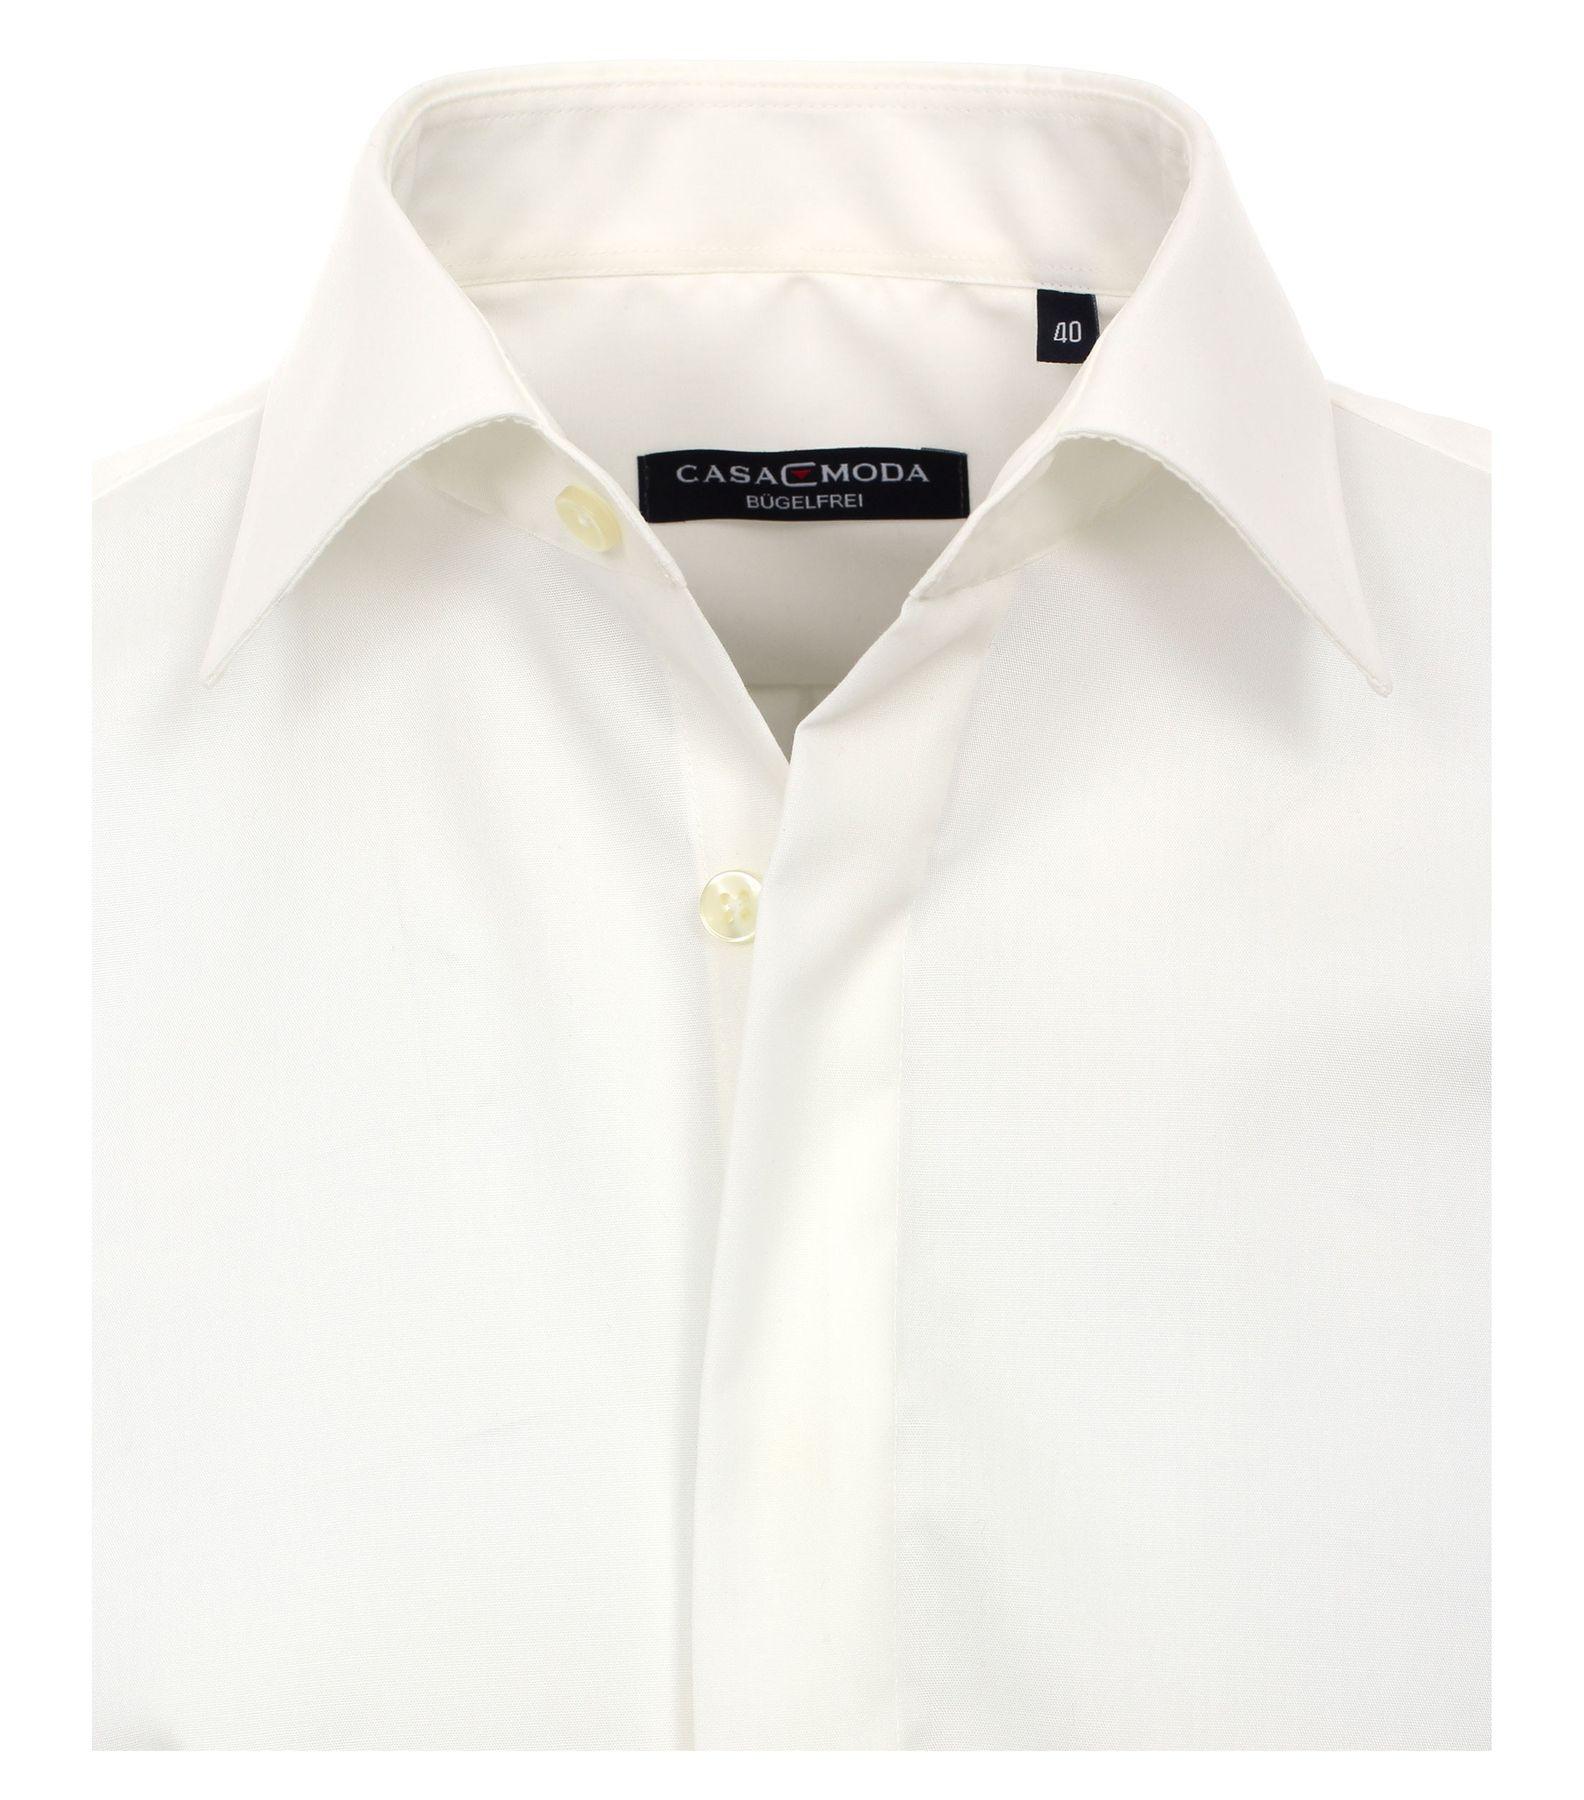 Bundle - Casa Moda - Evening - Festliches Bügelfreies Herren Hemd, weiß und creme (005335) – Bild 7